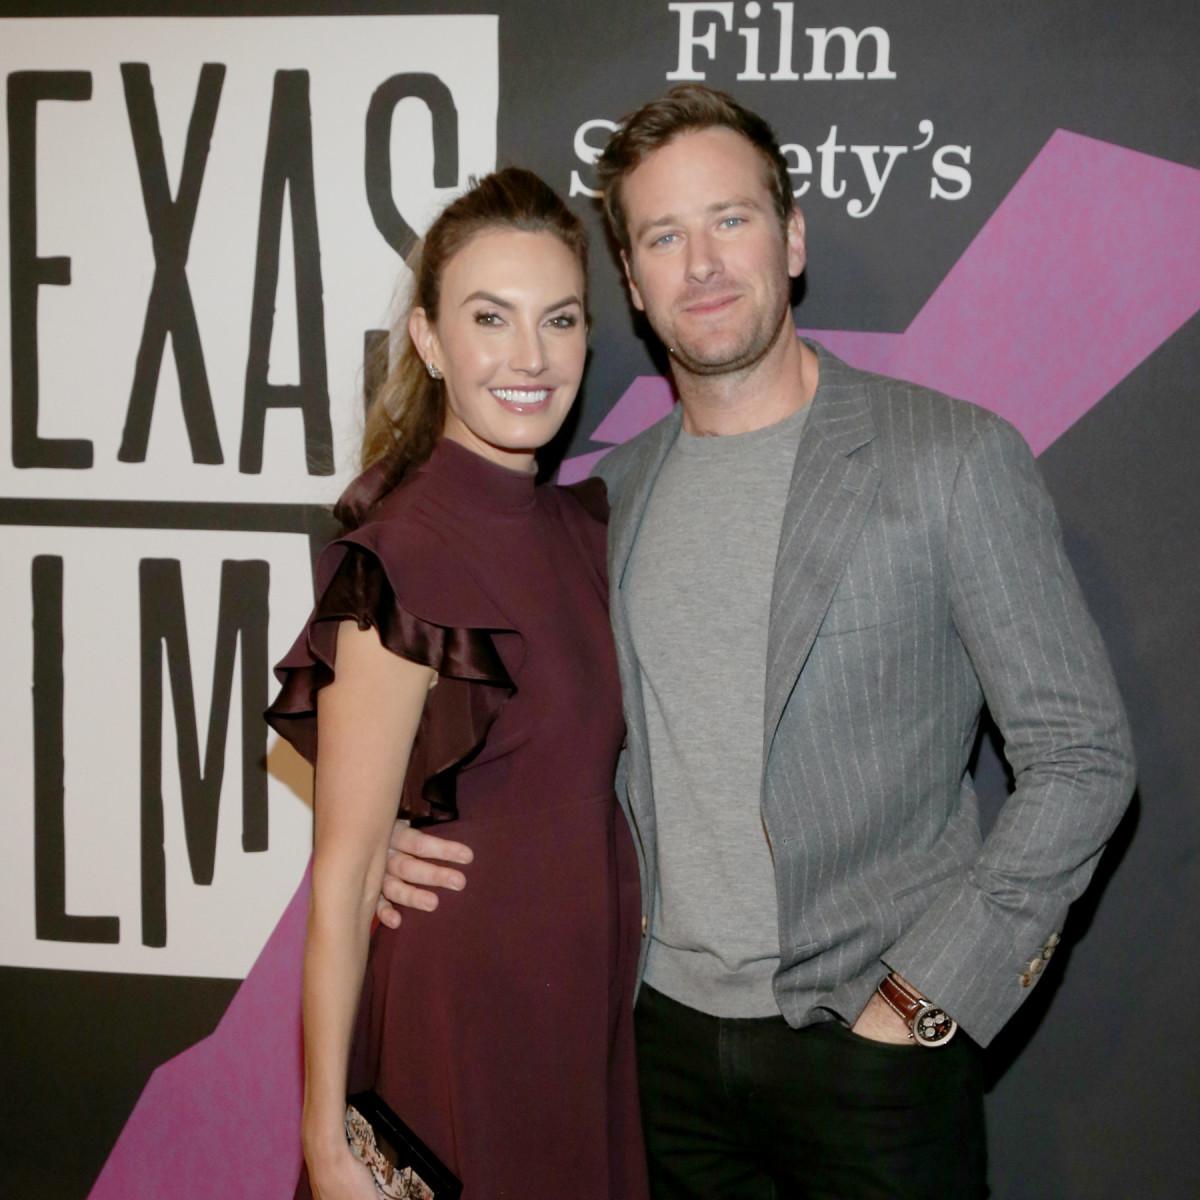 Texas Film Awards Armie Hammer Elizabeth Chambers